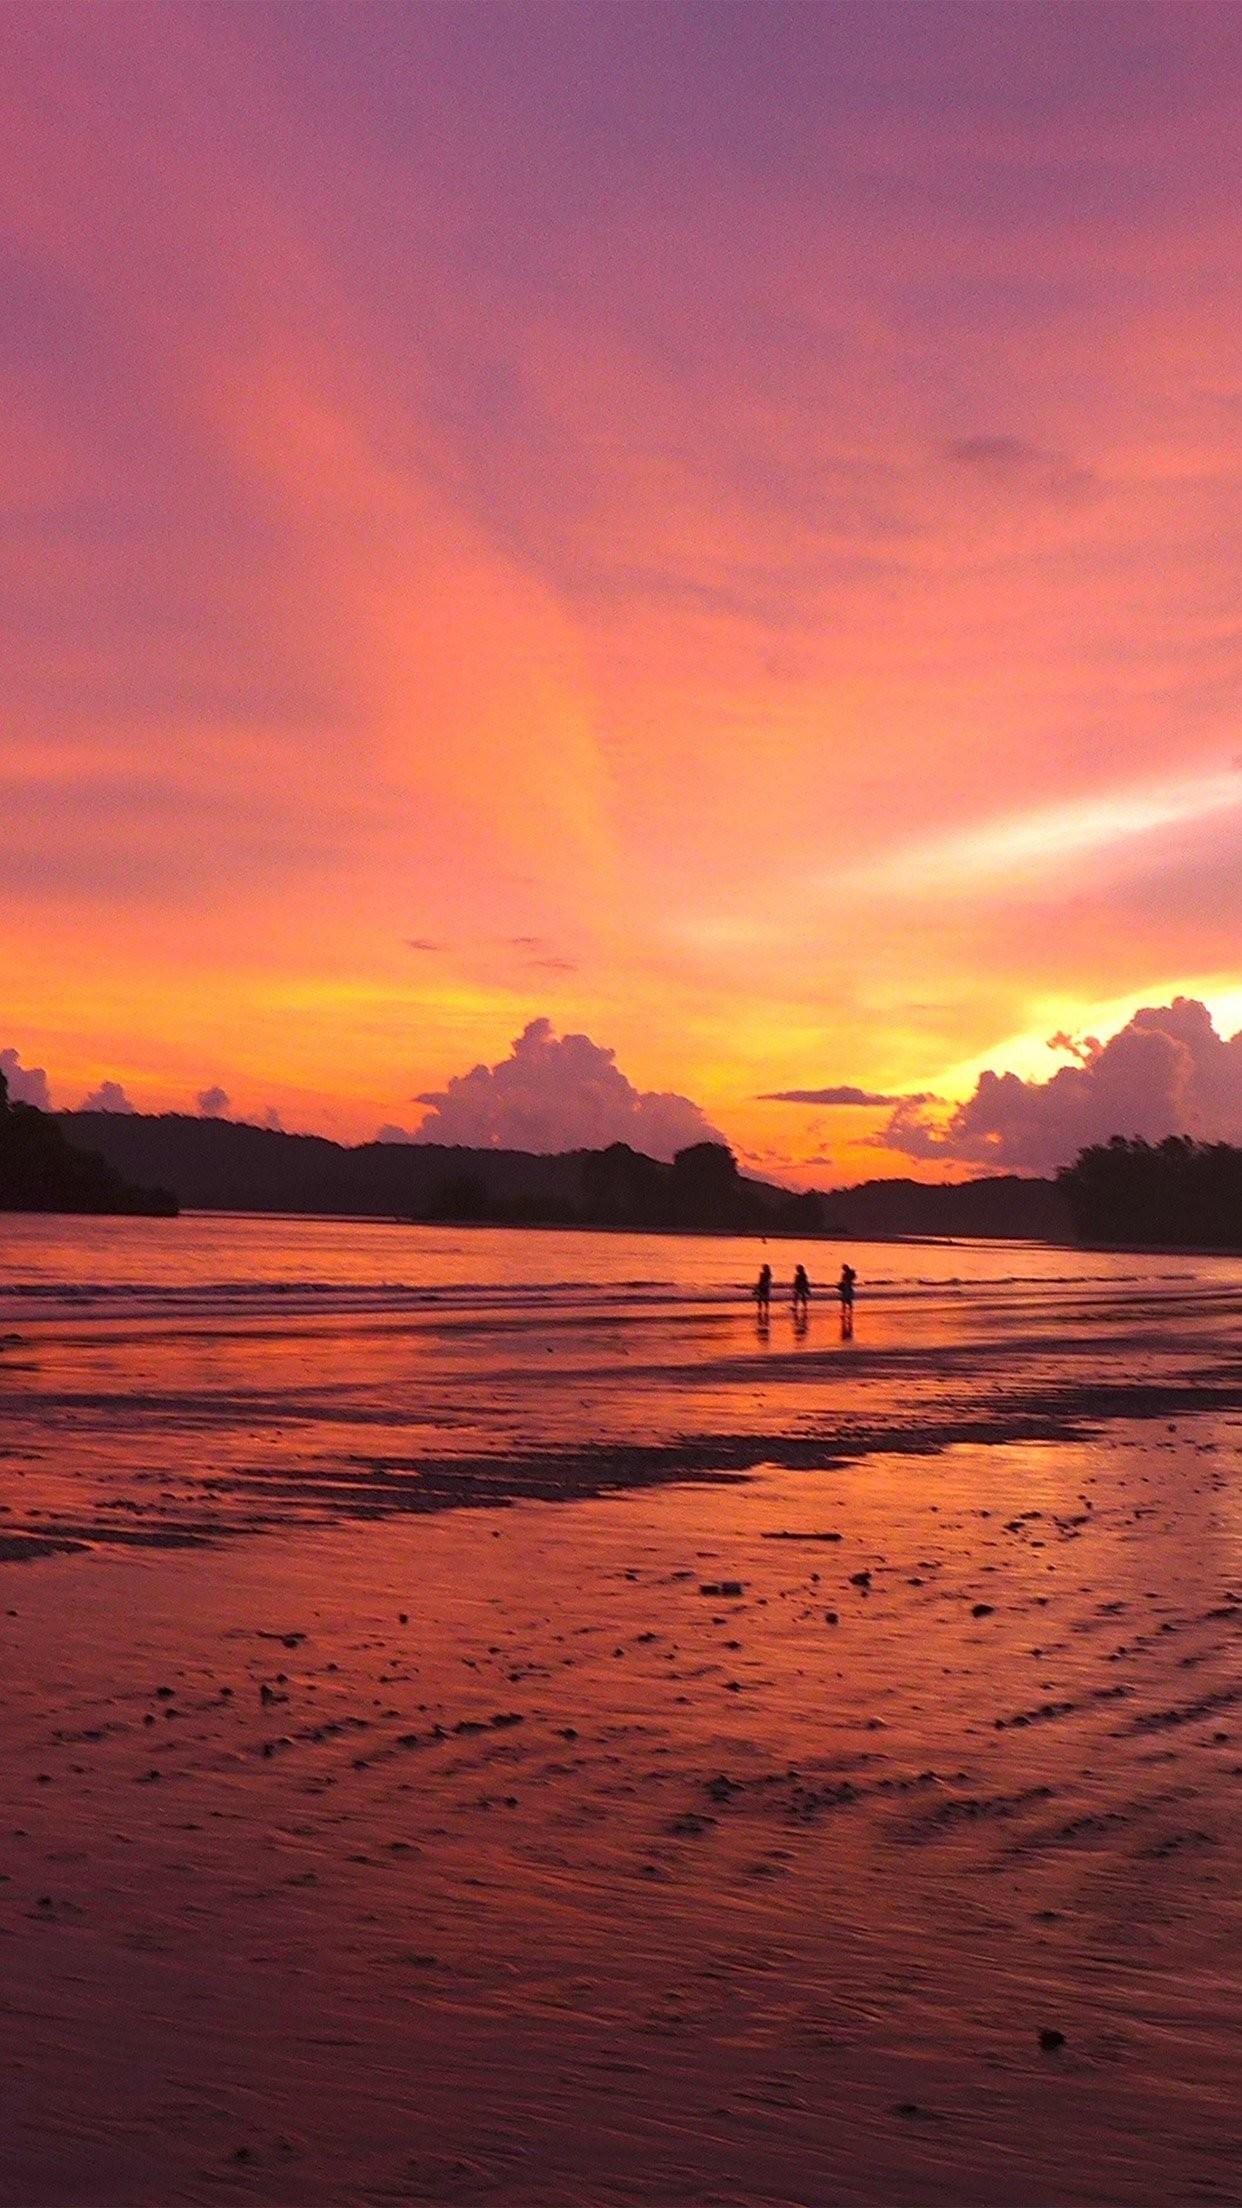 Sfondi tramonto 59 immagini for Immagini hd per smartphone